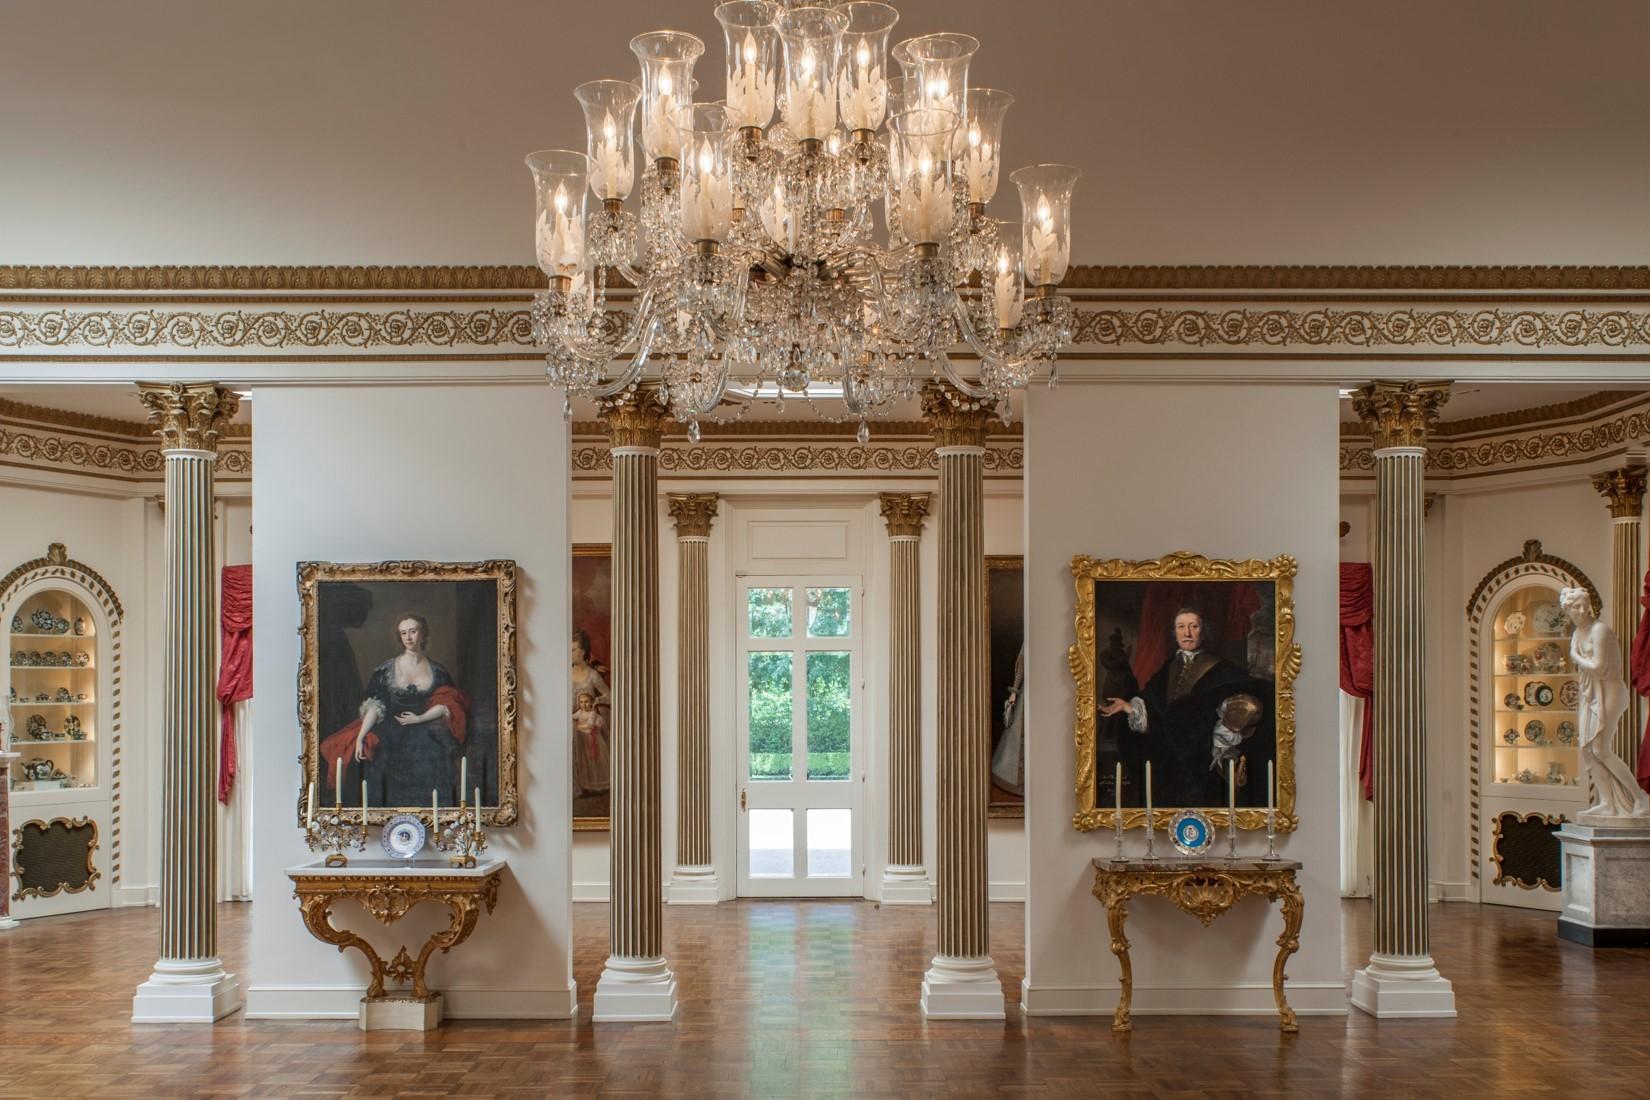 Rienzi Ballroom view of Gallery 2014